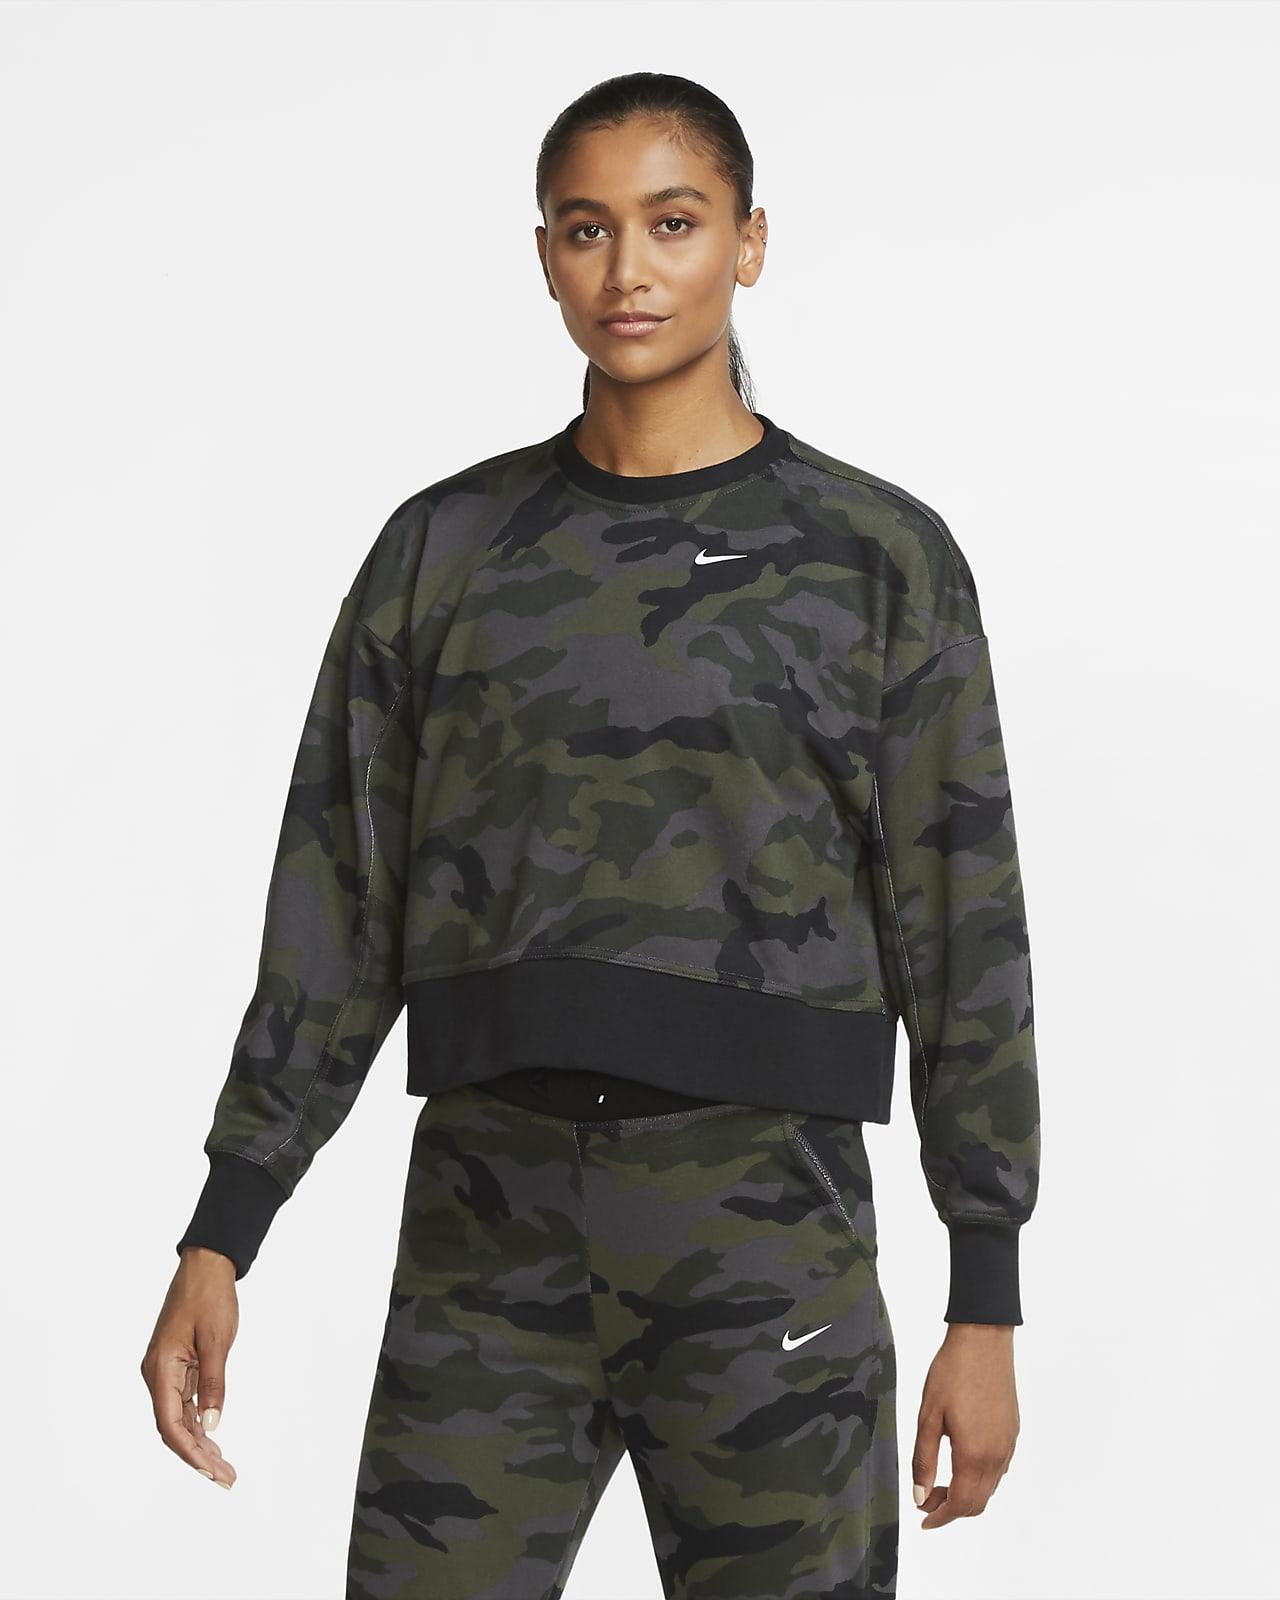 Nike Dri-FIT Get Fit Kamuflaj Desenli Kadın Antrenman Crew Üstü